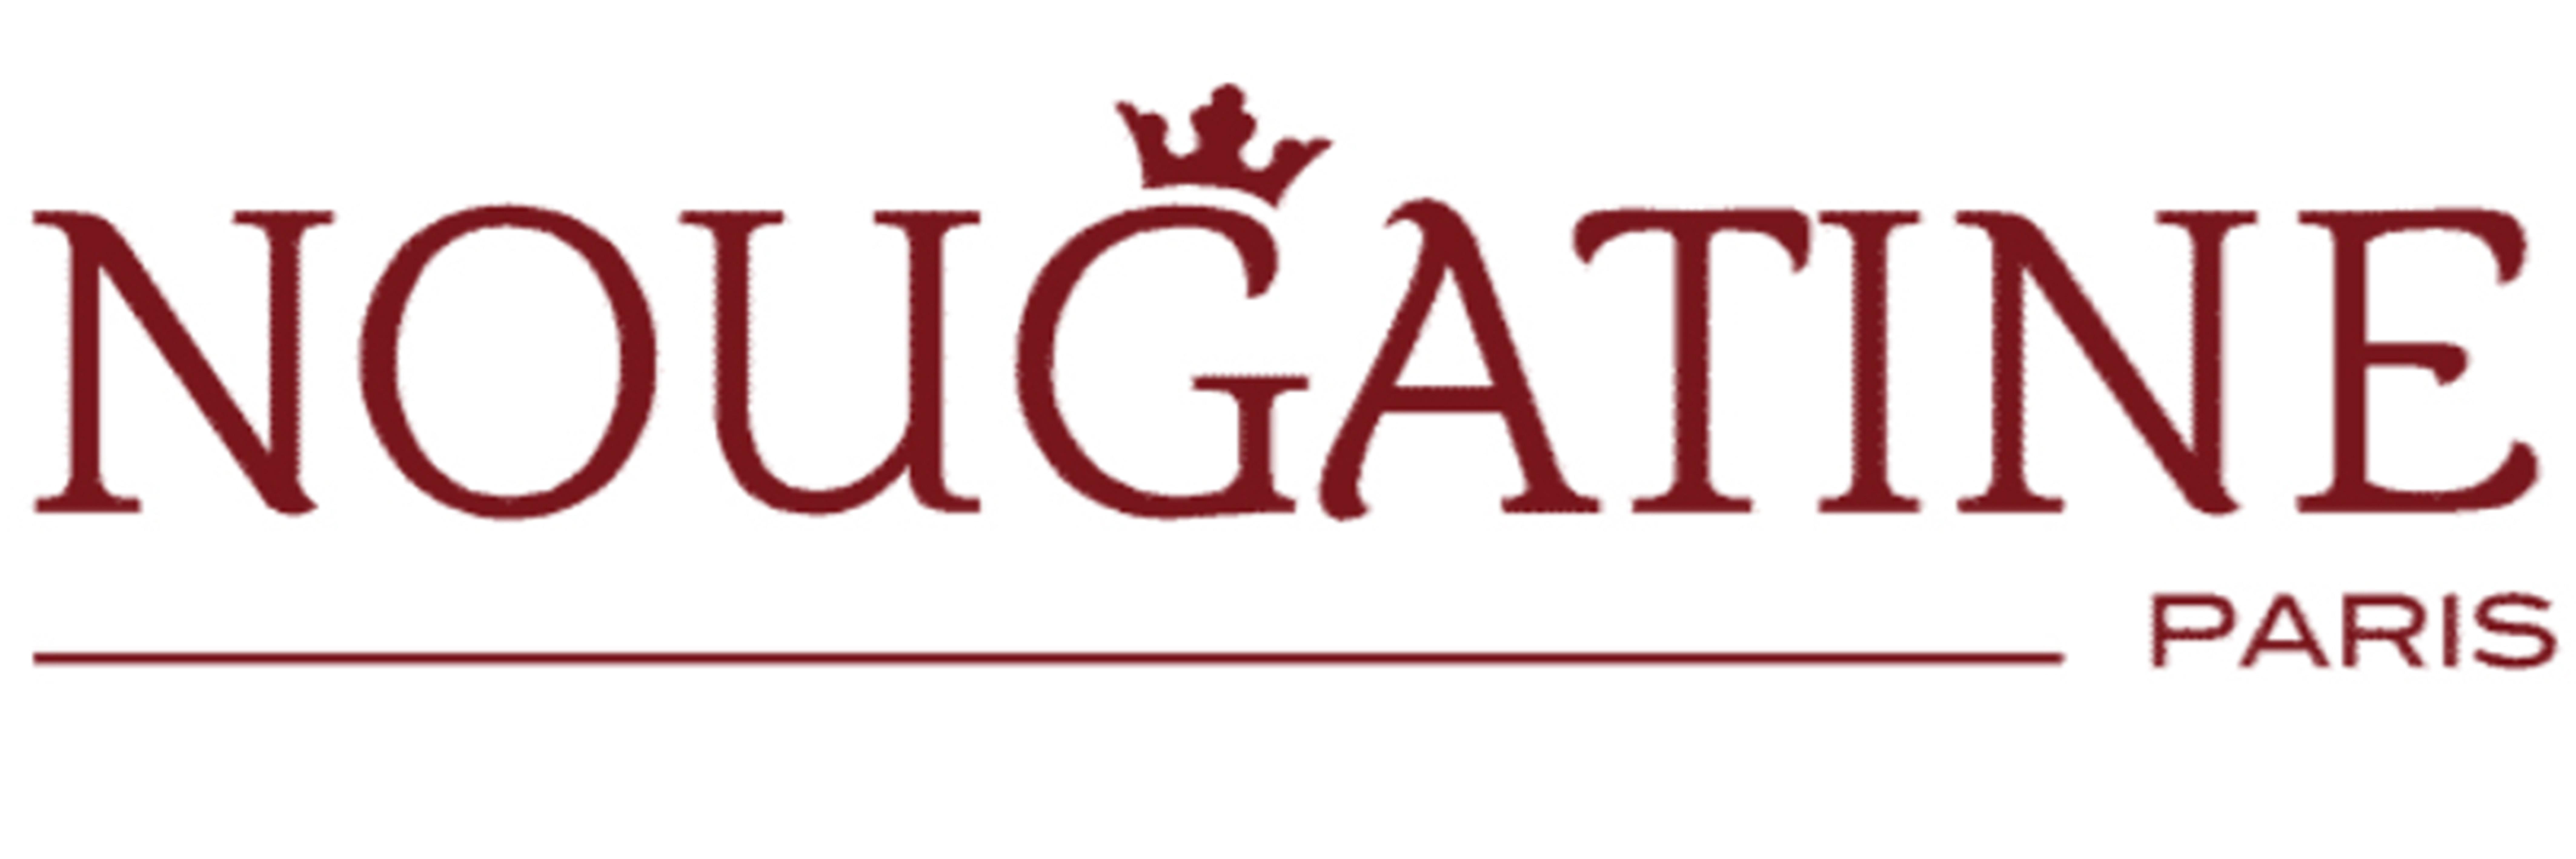 Nougatine Paris logo